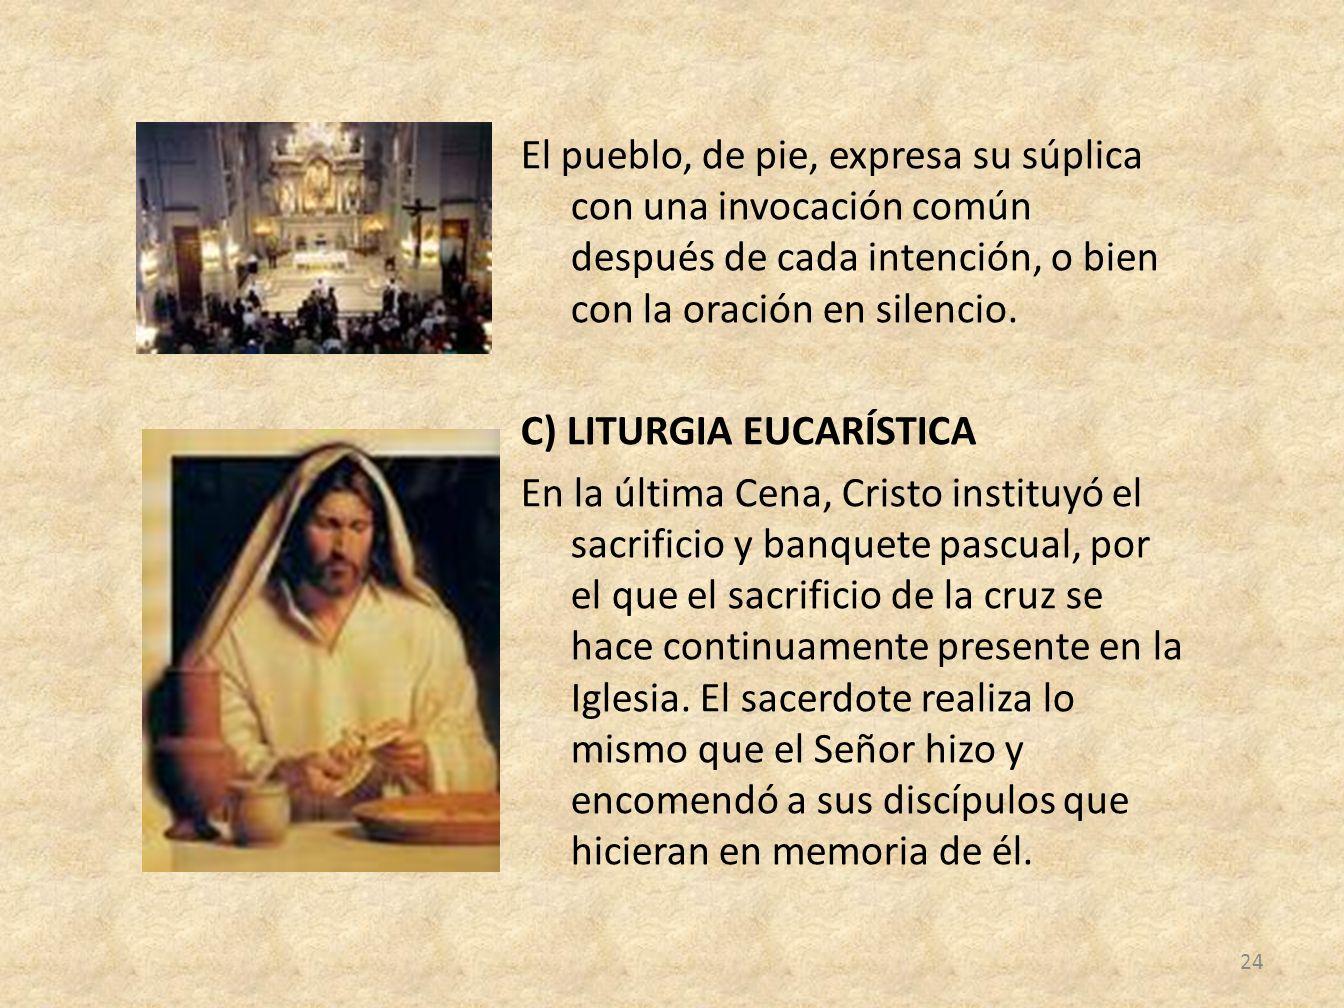 El pueblo, de pie, expresa su súplica con una invocación común después de cada intención, o bien con la oración en silencio.